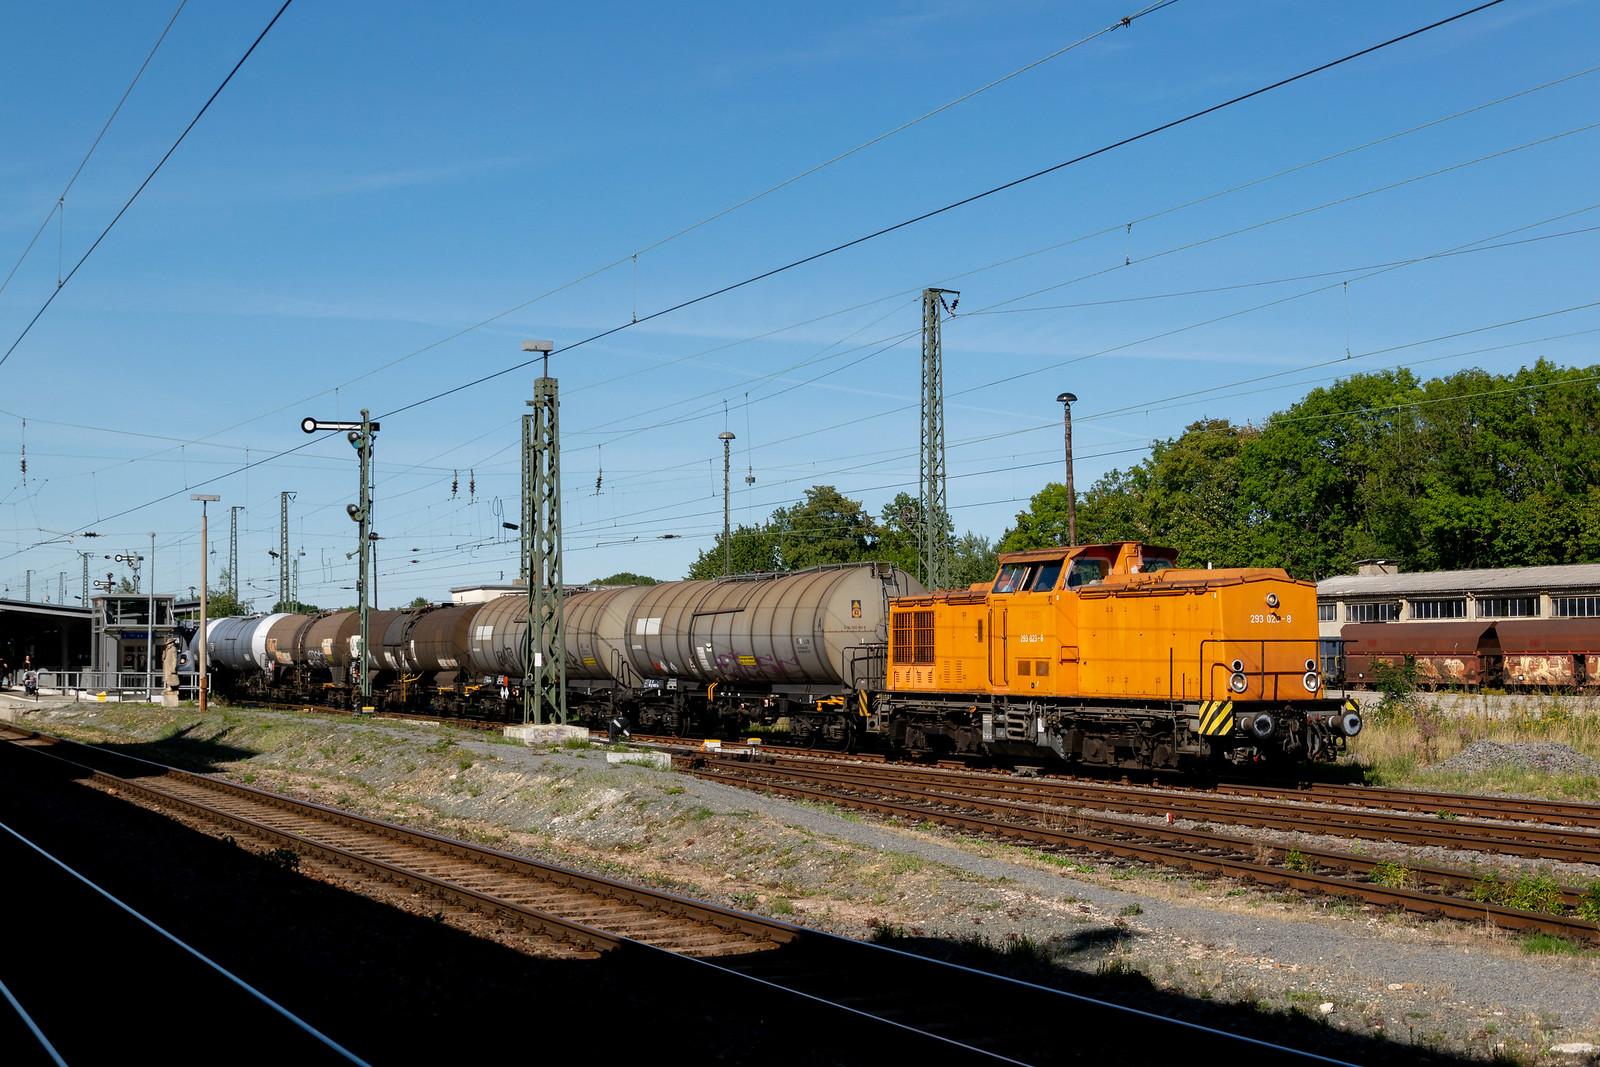 293 023 in Altenburg